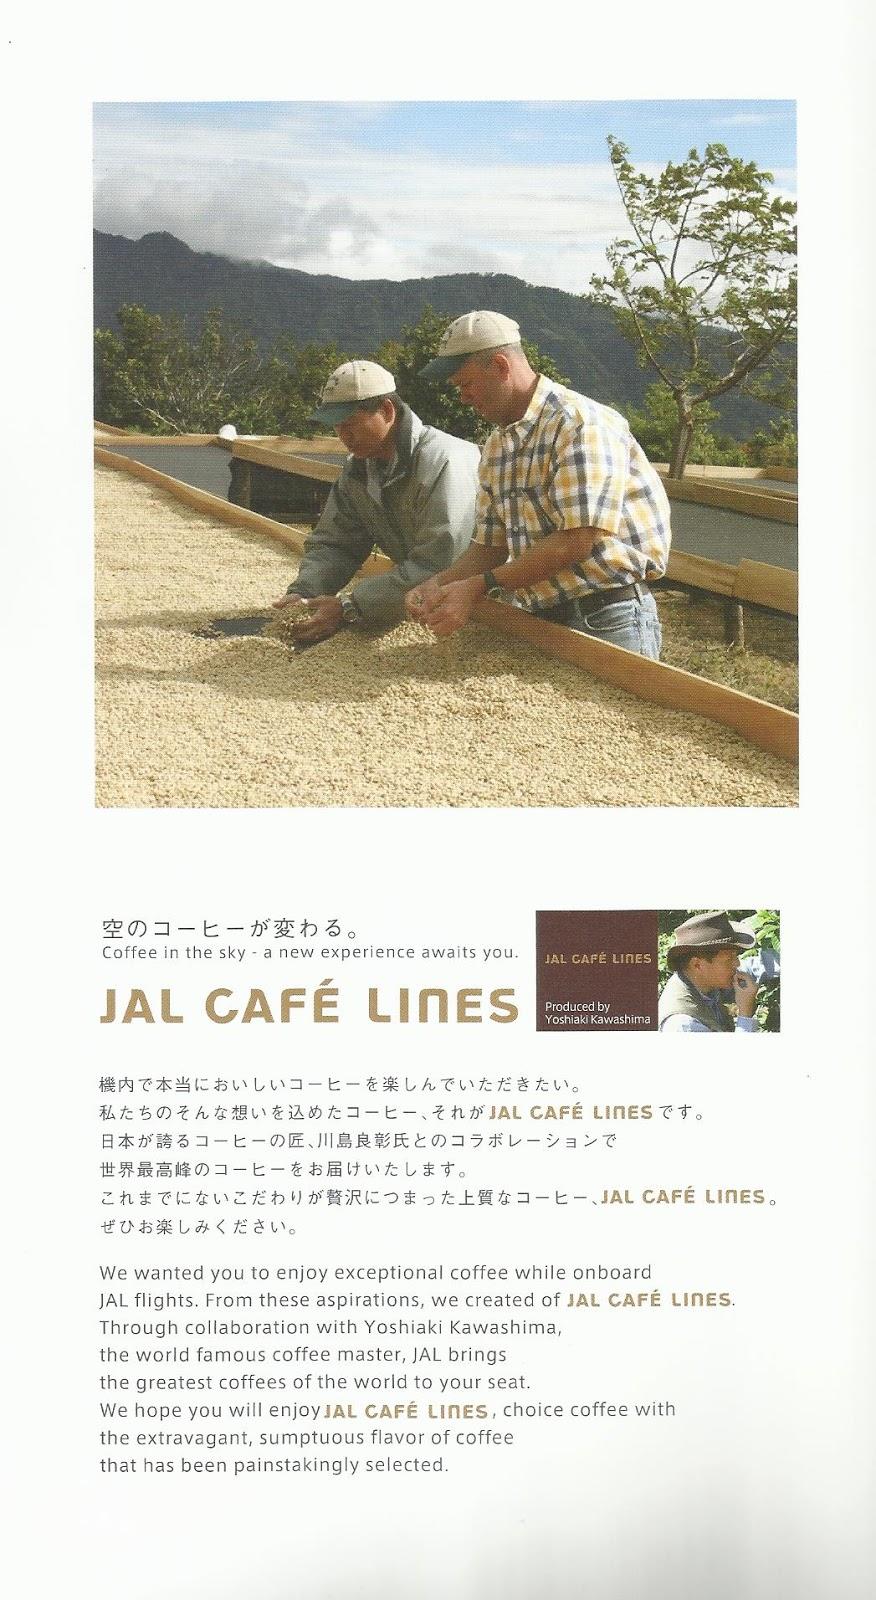 機内コーヒーの紹介